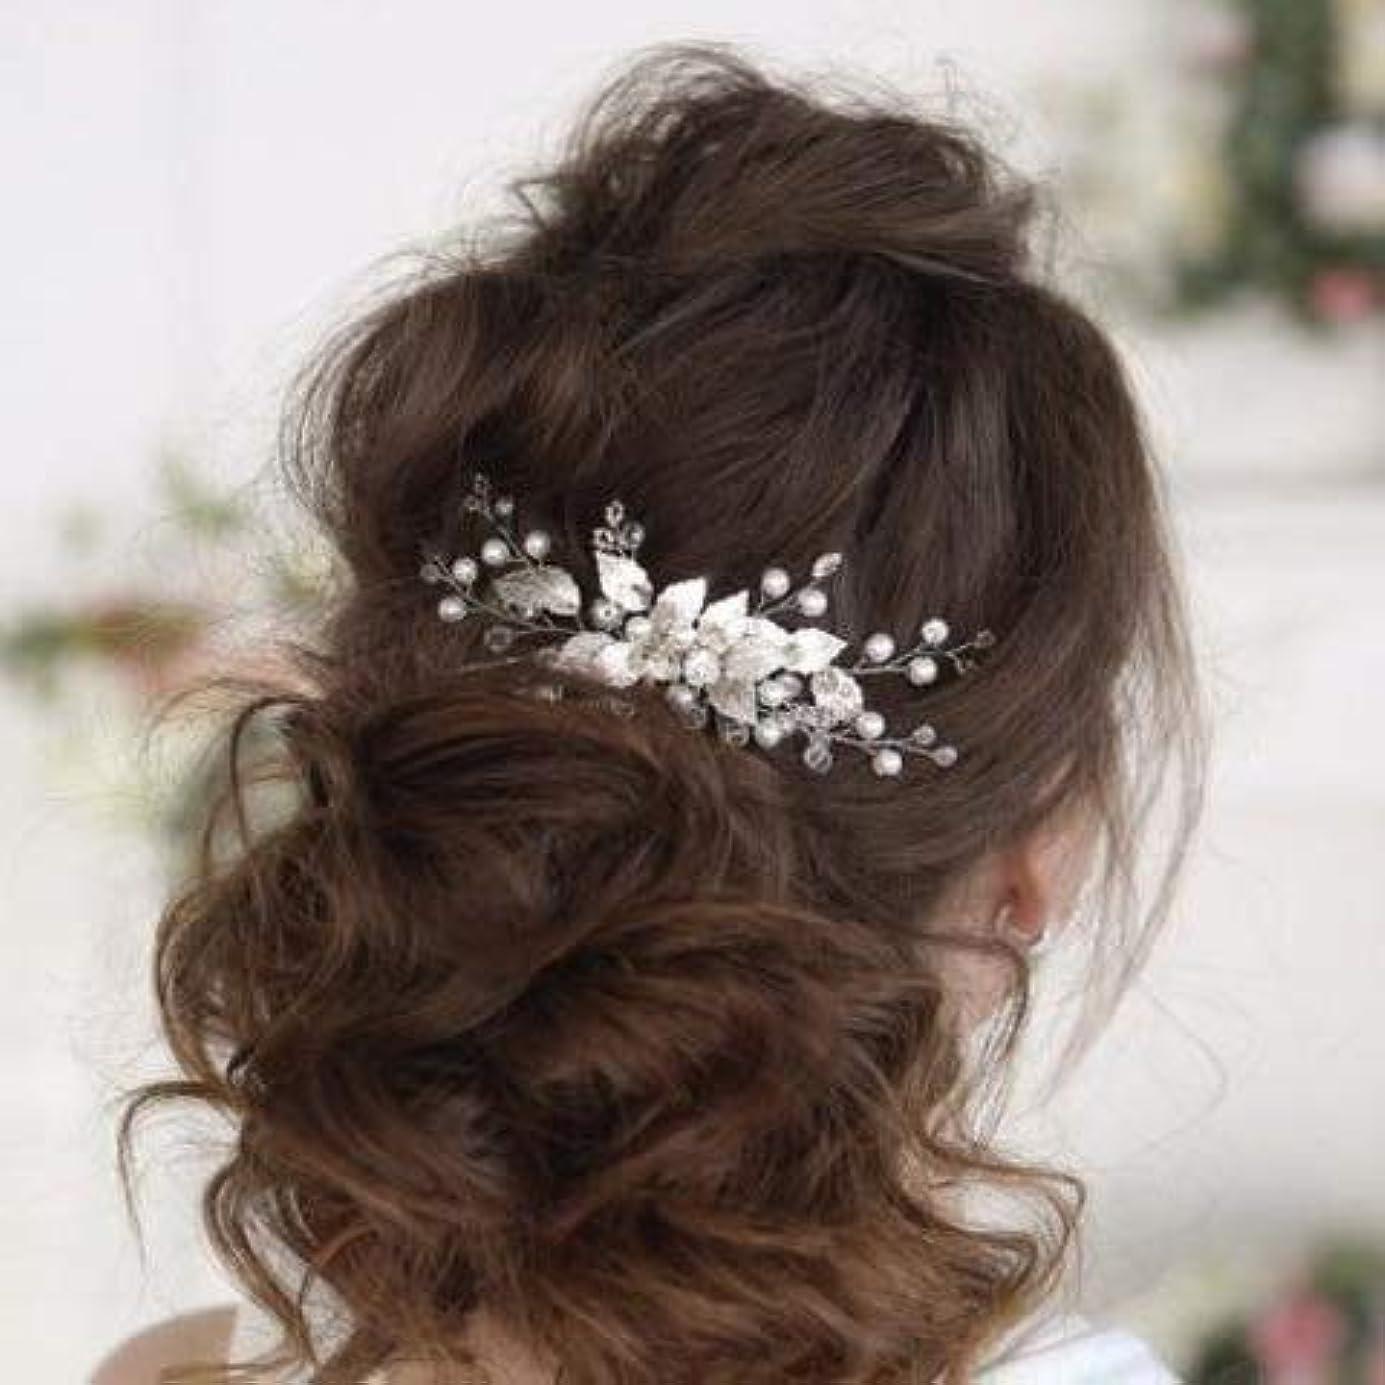 テスピアンジェット進むKercisbeauty Boho Wedding Bridal Hair Comb Clips Decorative Headband with Crystal Leaf Rhinestones for Brides...